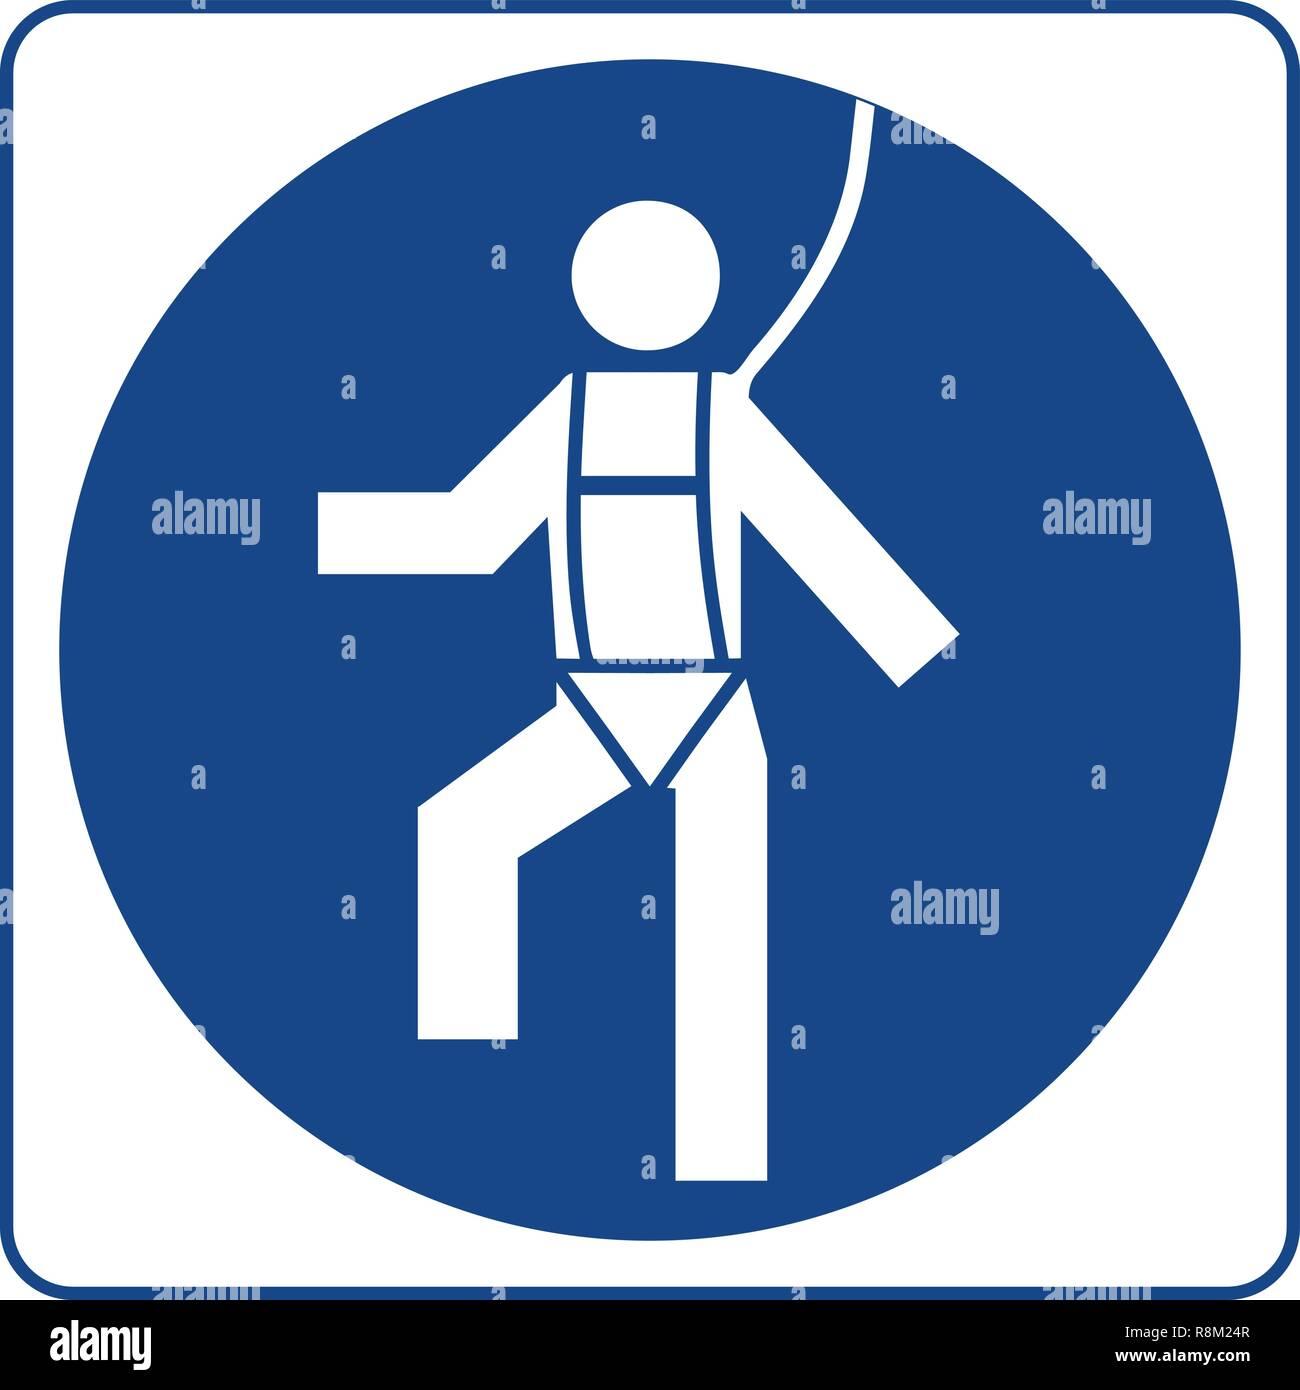 Cablaggio di sicurezza deve essere indossato. Informazioni obbligatorio il simbolo nel cerchio blu isolato su bianco. Etichetta di avvertenza. Immagini Stock